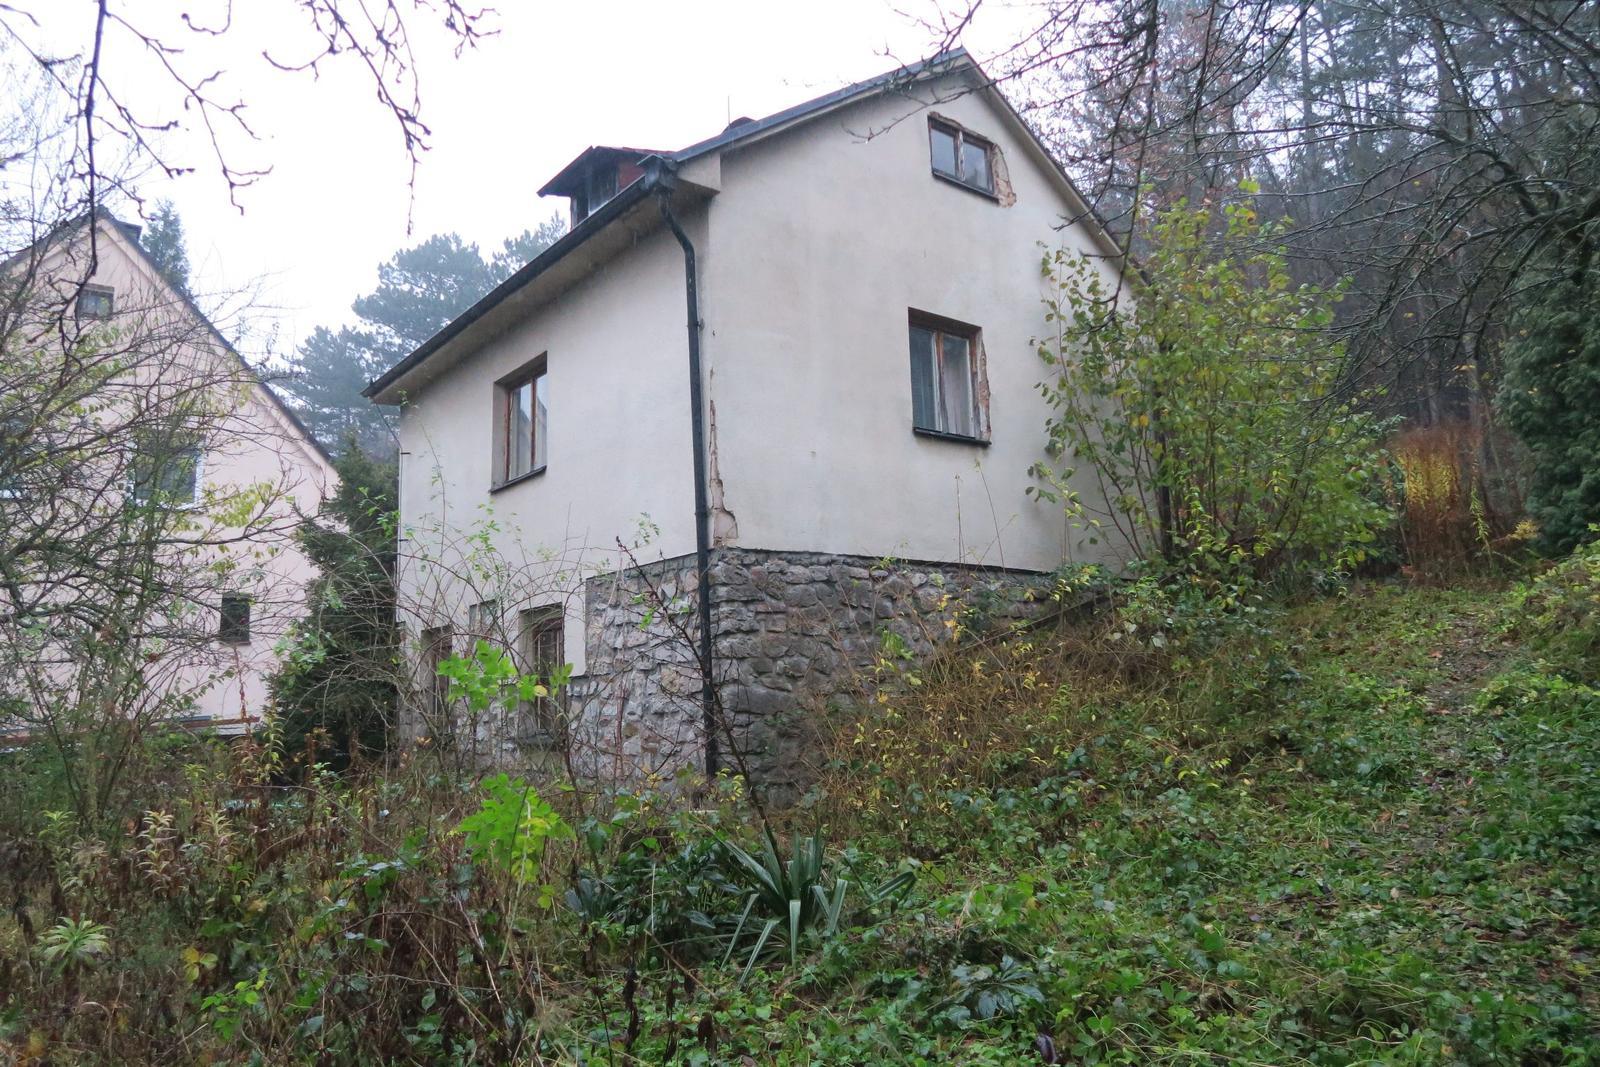 Stavba našeho bungalovu ve svahu - Původní stavba určená k demolici